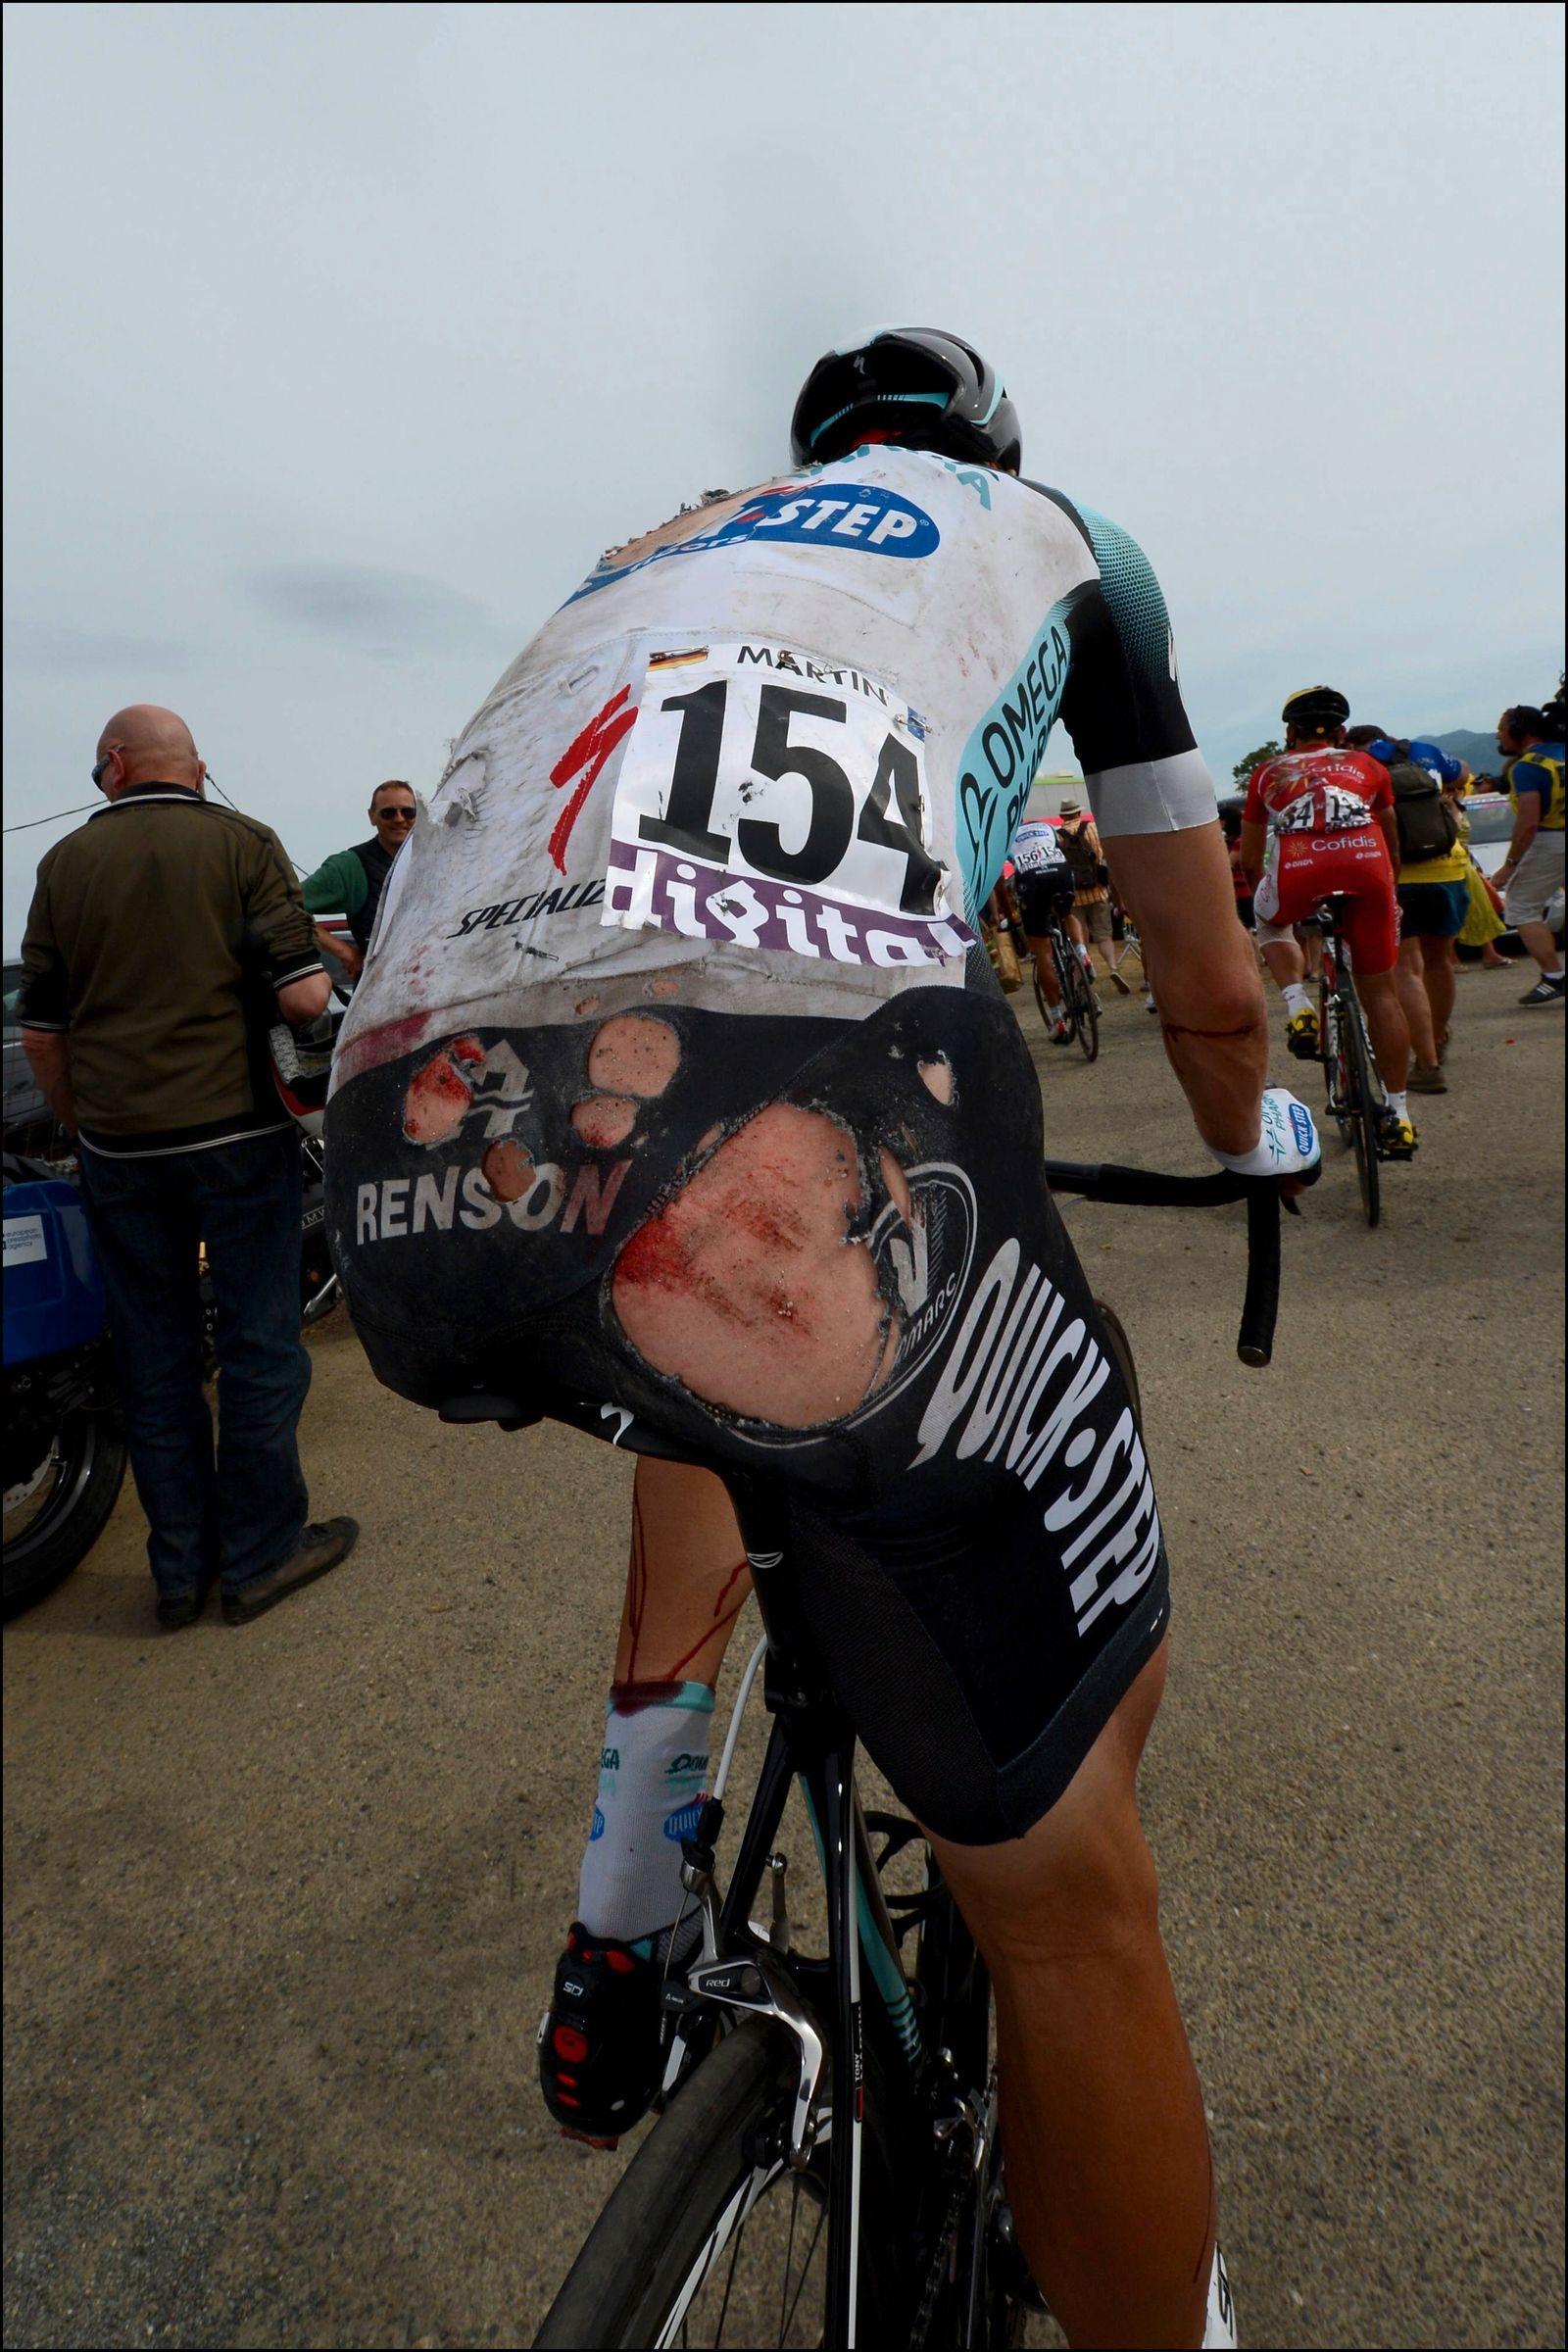 BASTIA FRANCE JUNE 29 MARTIN Tony GER of OMEGA PHARMA QUICK STEP CYCLISME Tour de France 201